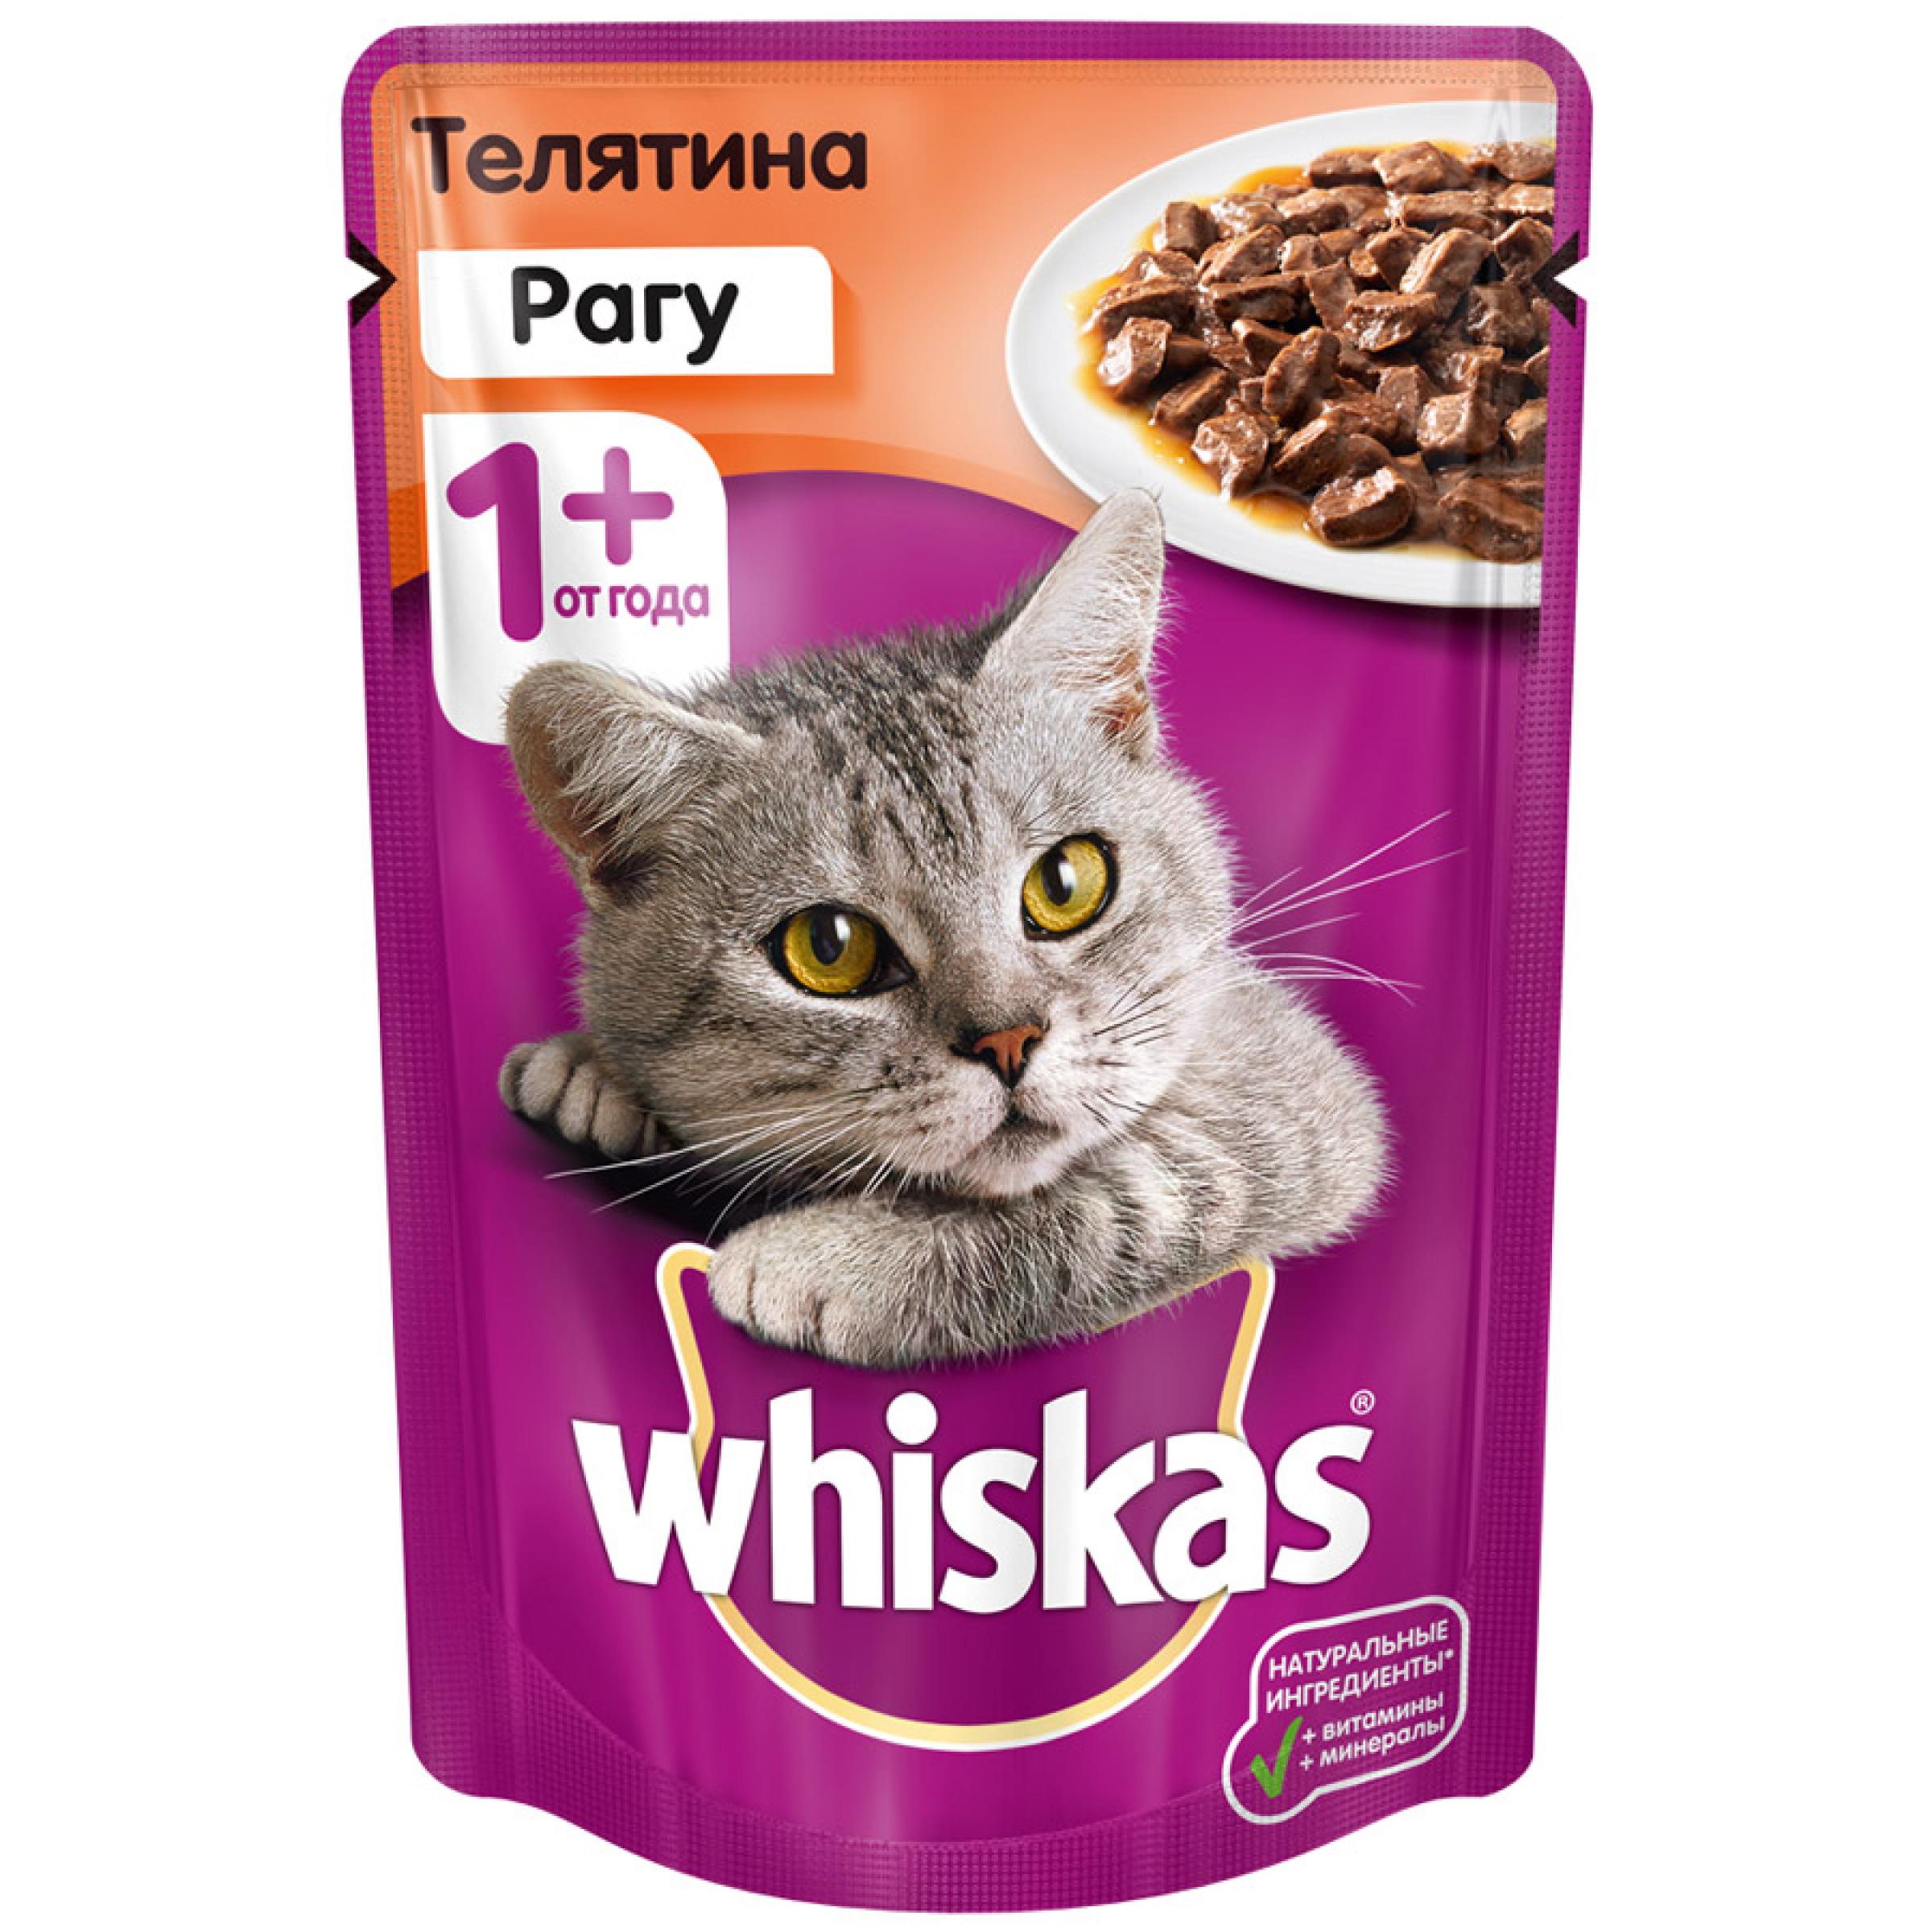 Влажный корм для кошек Whiskas рагу с телятиной, 85гр